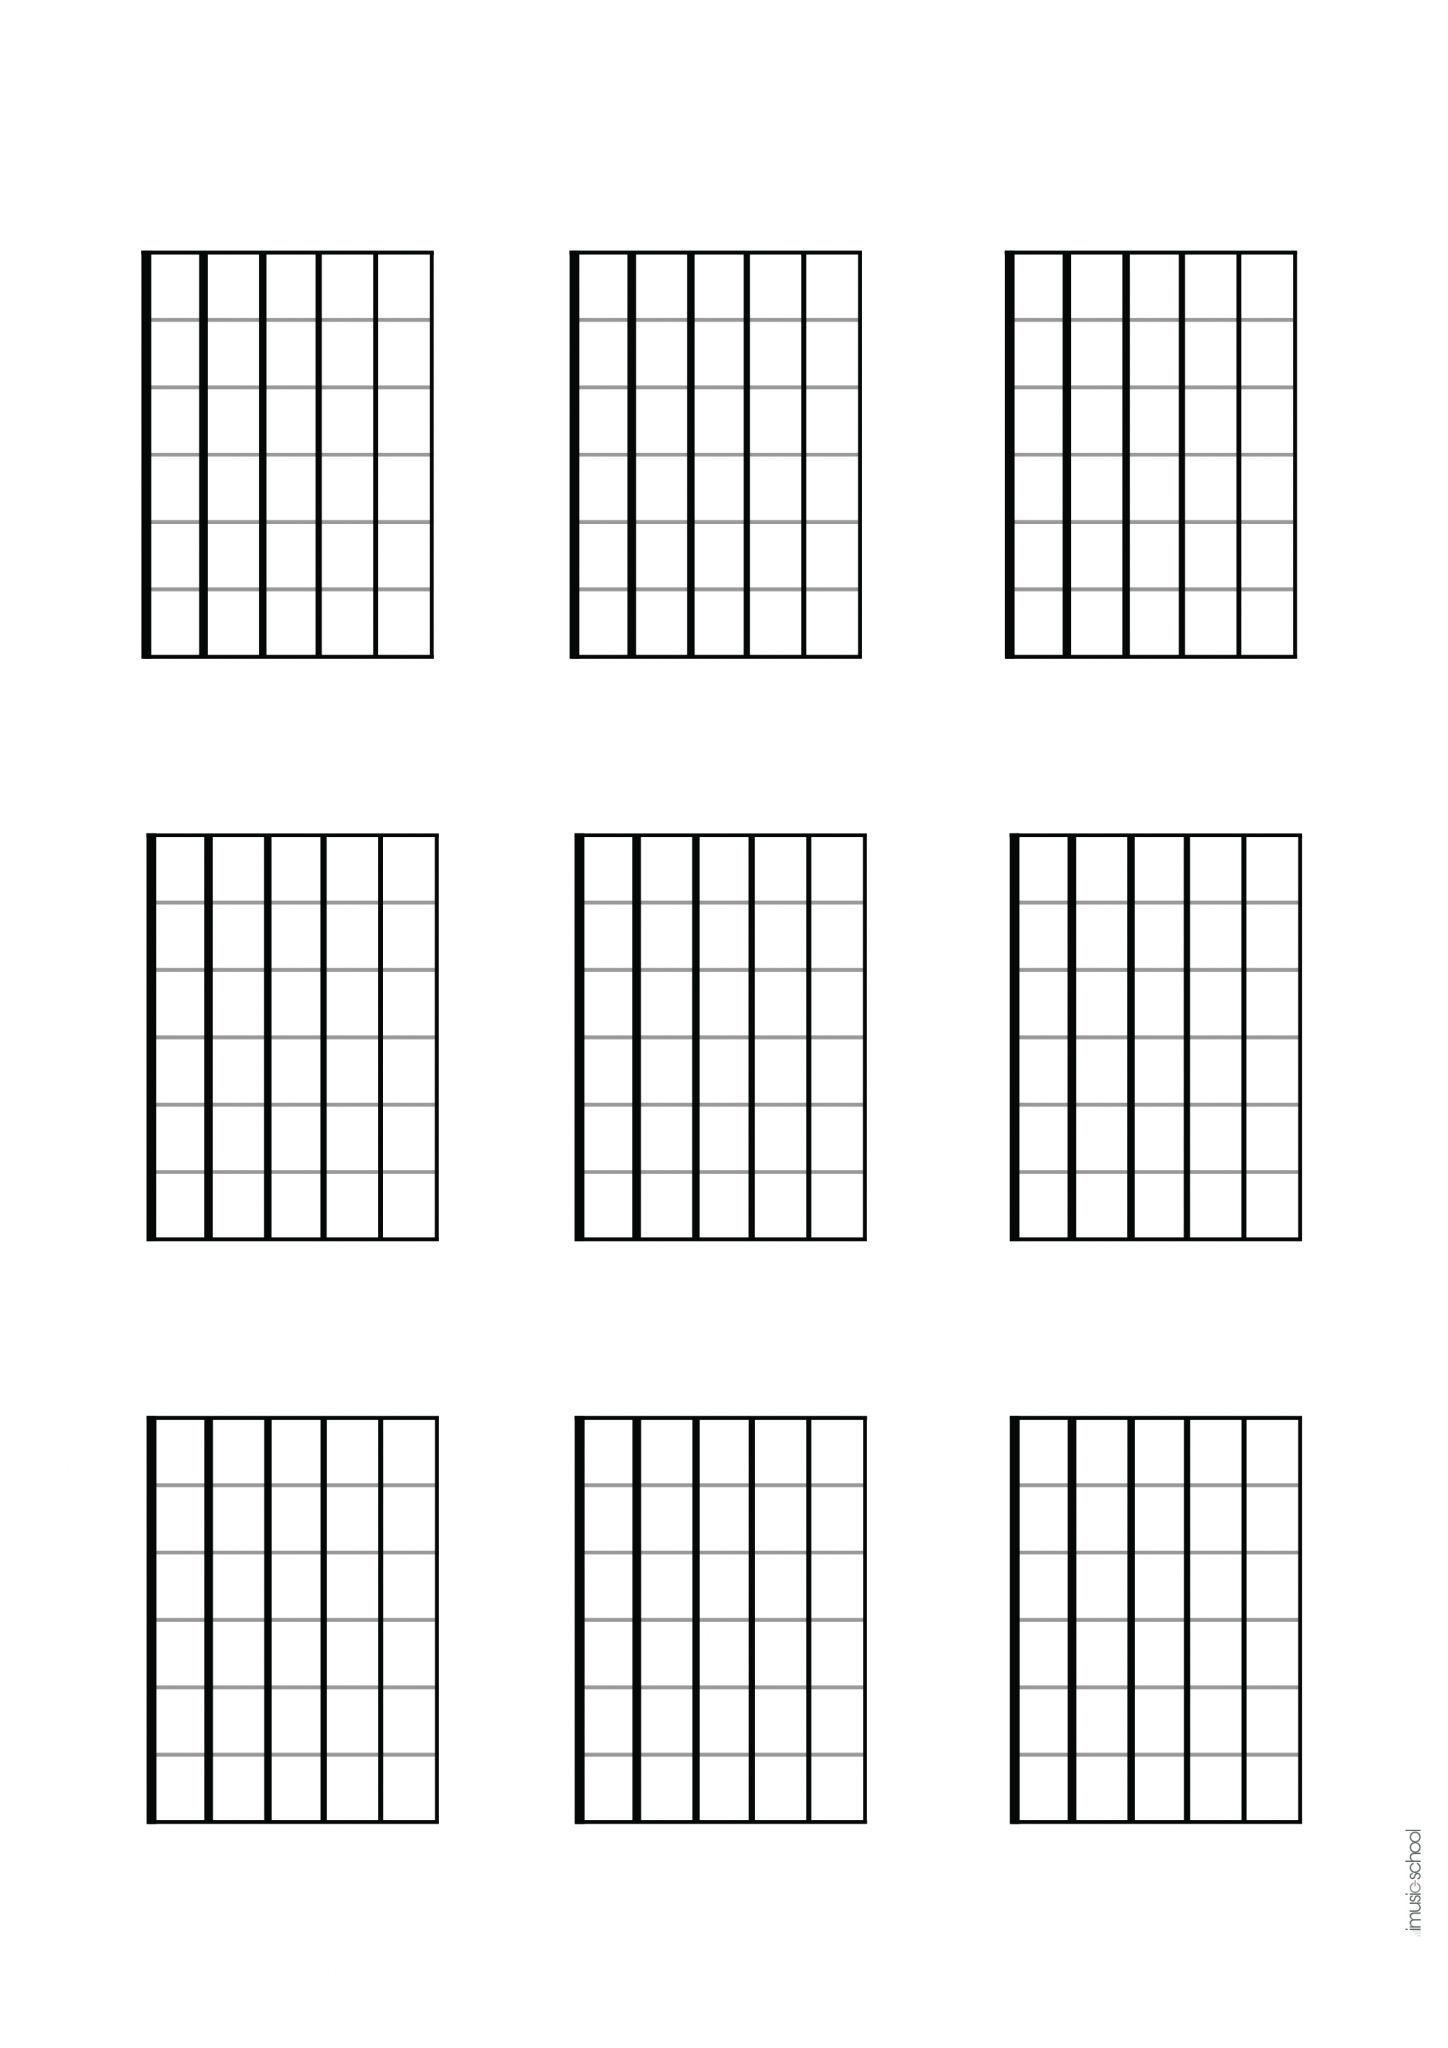 Portée vierge partition pour guitare et piano gratuite téléchargeable